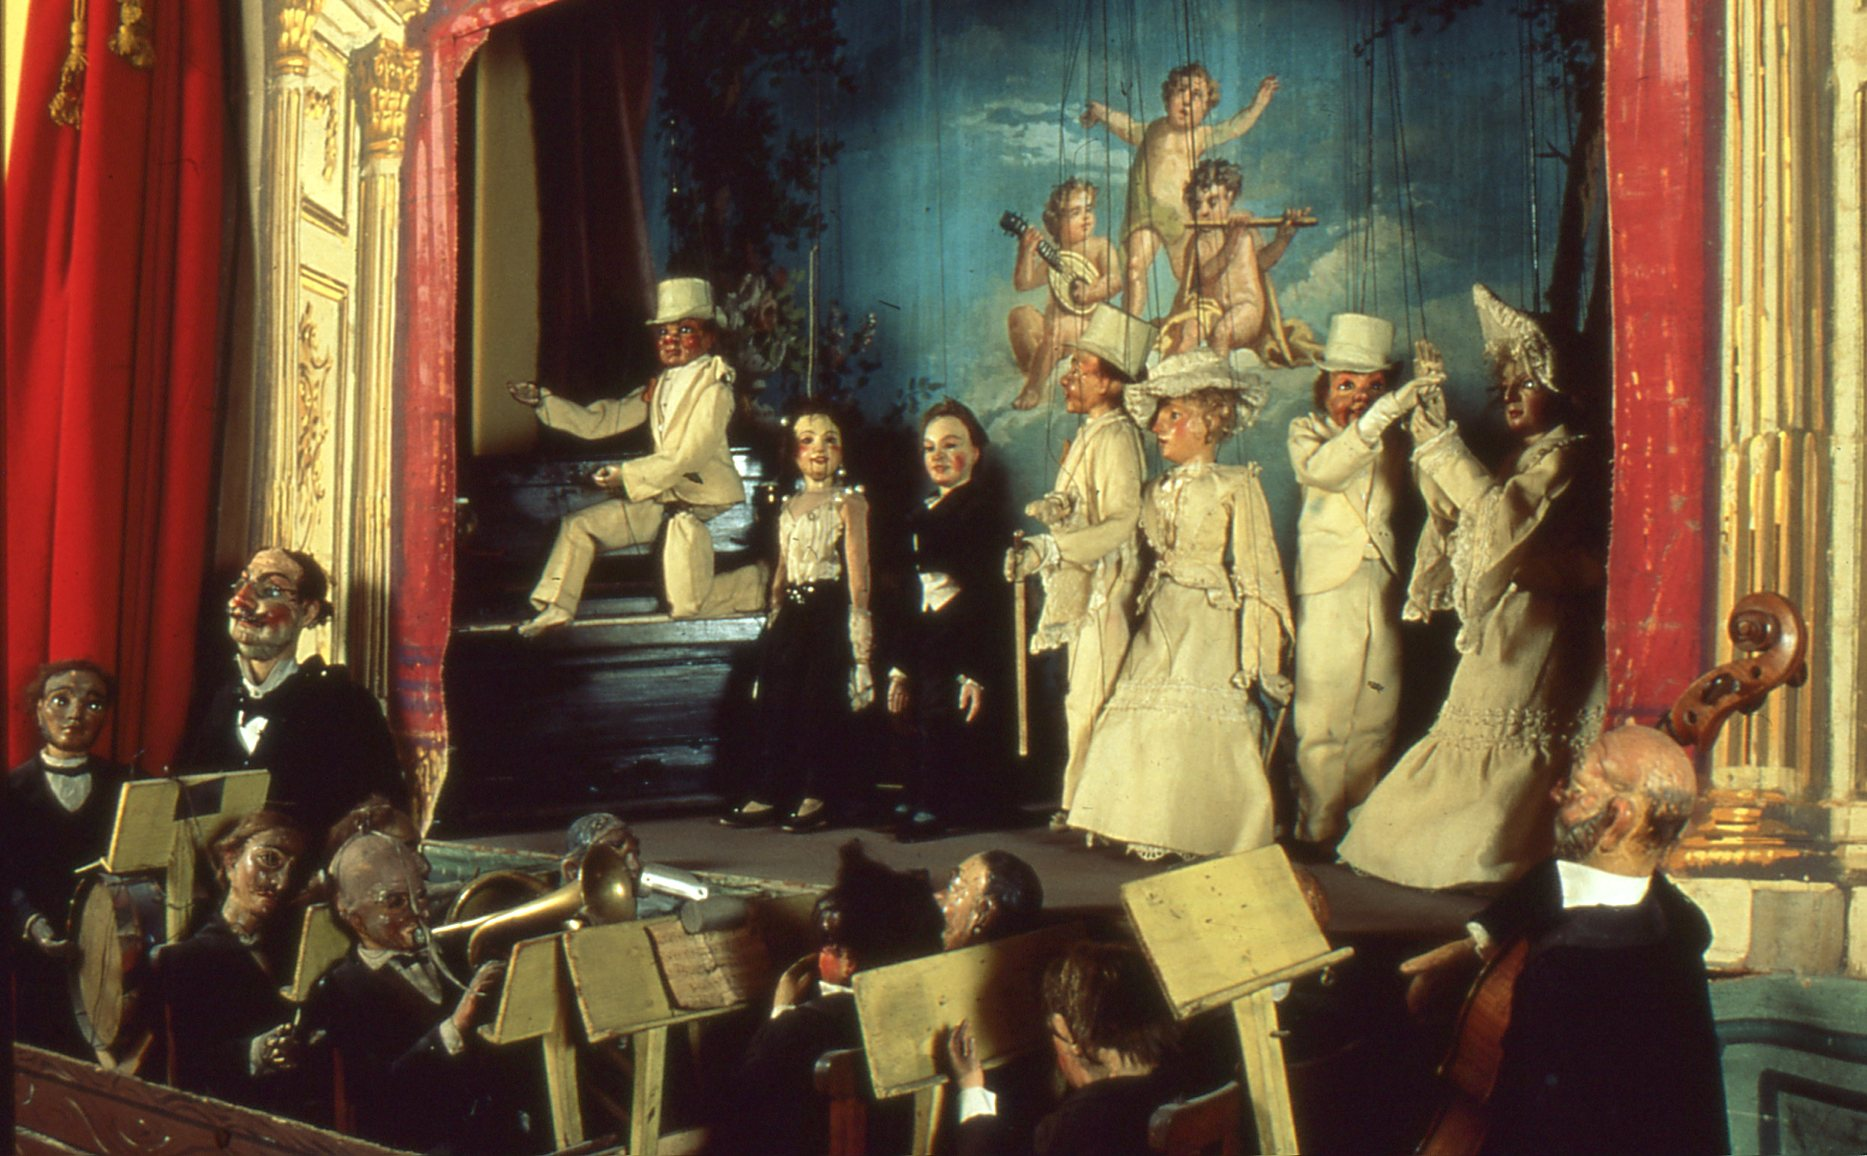 Les musiciens, chanteurs et danseurs, personnages de marionnettes d'une production de la famille Lupi, marionnettistes italiens. Marionnettes à fils. Photo réproduite avec l'aimable autorisation de Istituto per i Beni Marionettistici e il Teatro Popolare (Turin, Italy)